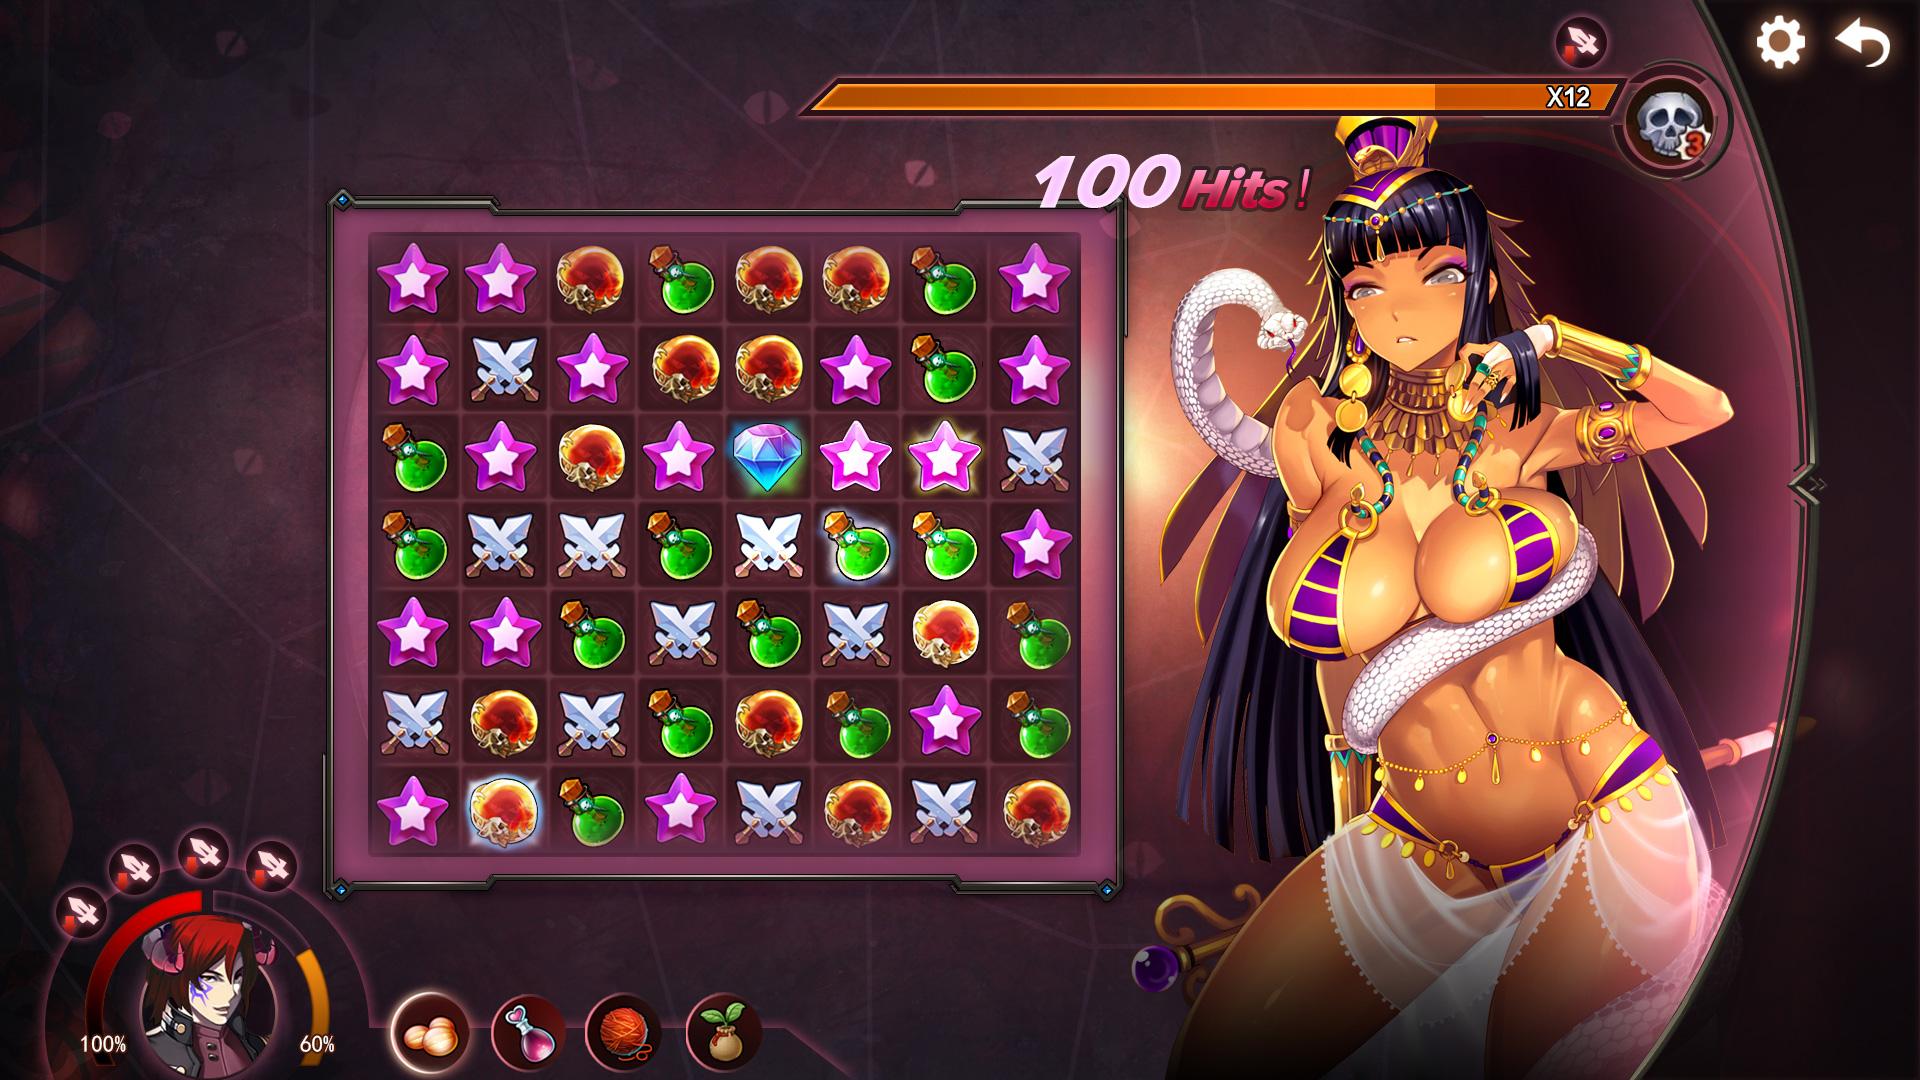 """Knobel-Einlagen mit erotischer Illustration: Im Erotik-Game """"Mirror"""" gibt es viel nackte Manga-Haut zu sehen."""